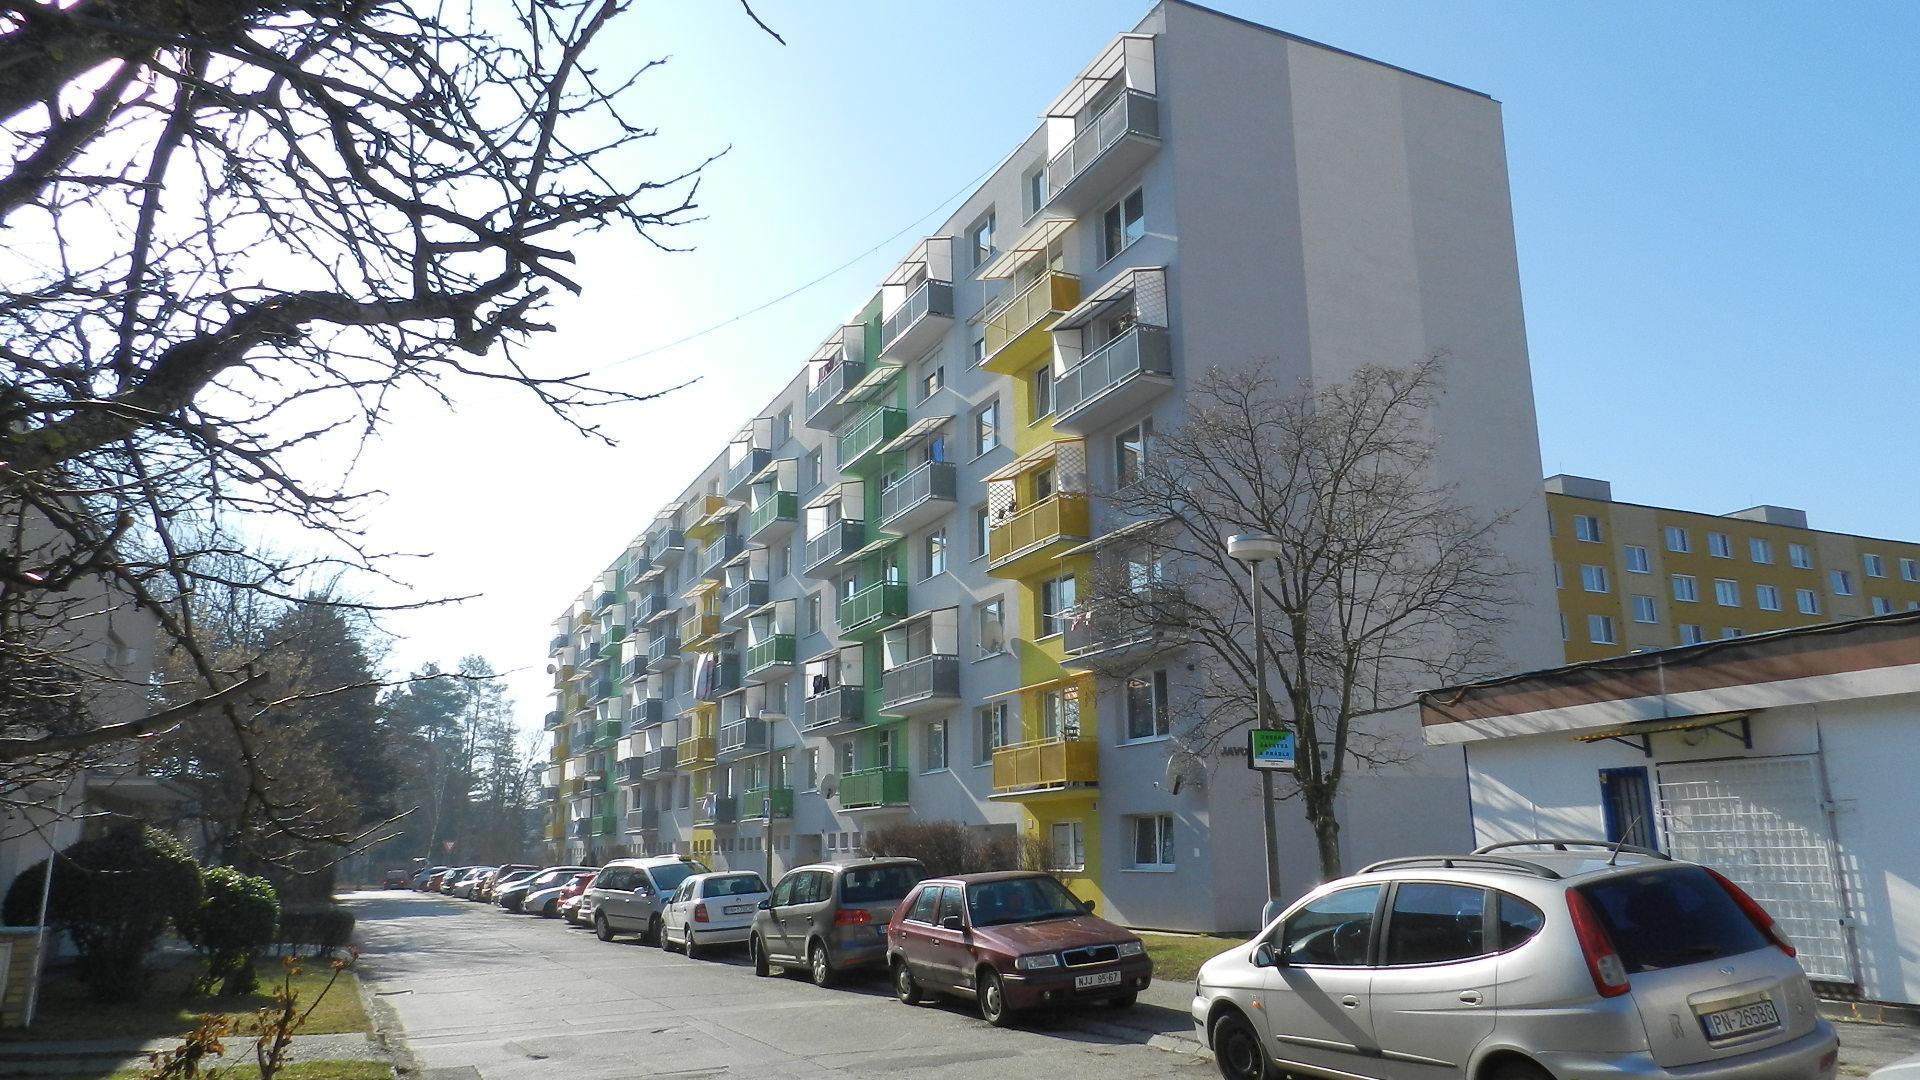 1-izbový byt na prízemí na sídlisku Juh